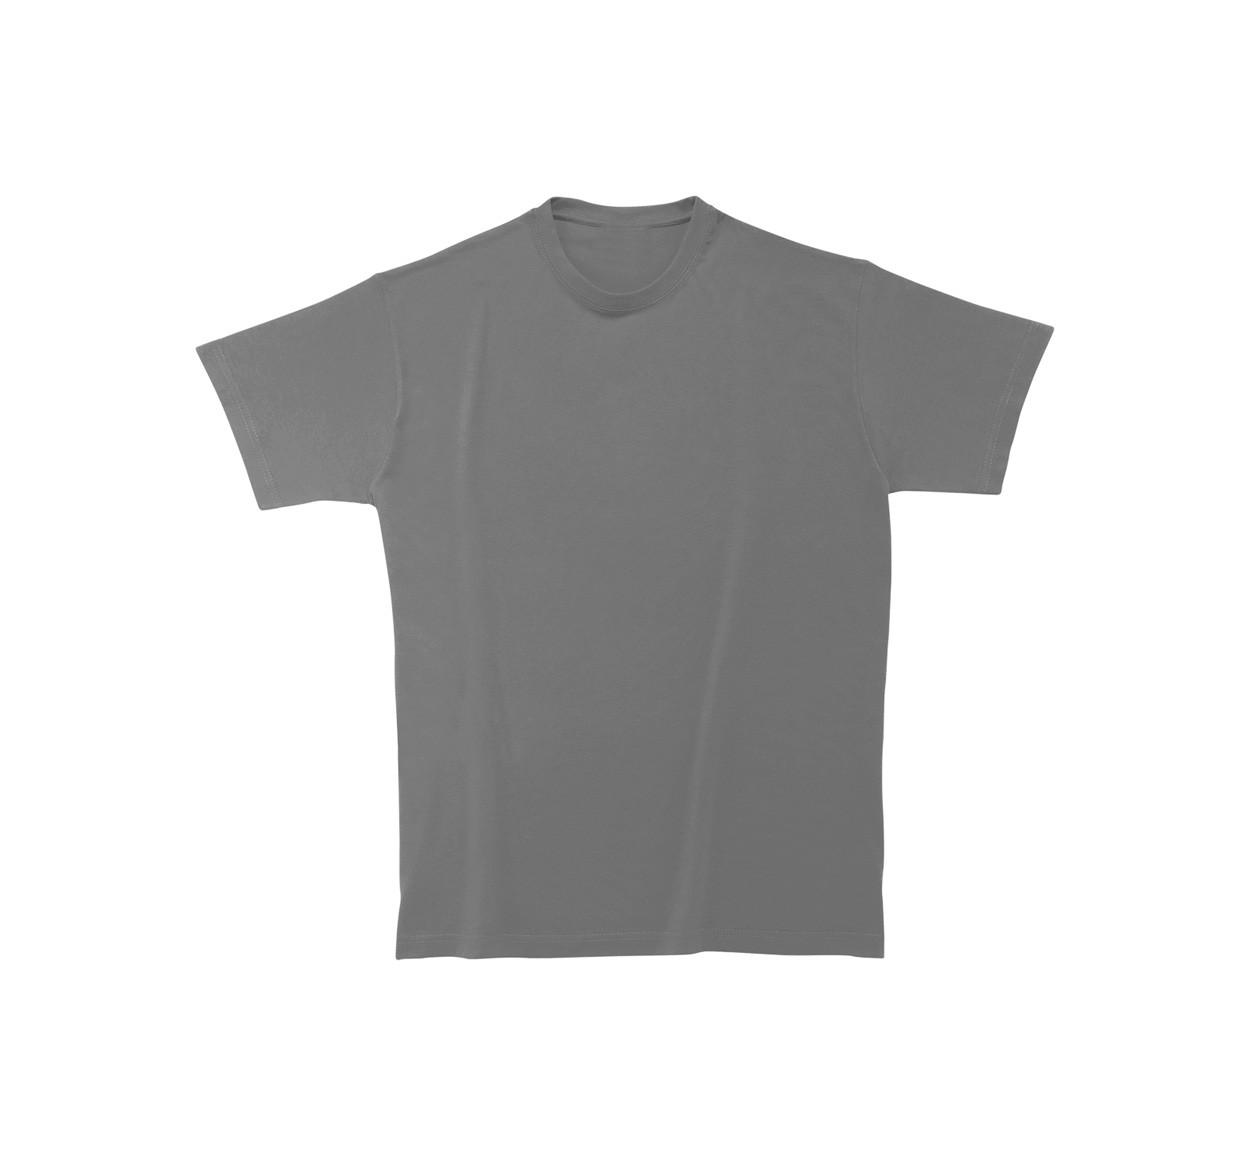 Tricou Bărbați Softstyle Man - Gri / XL